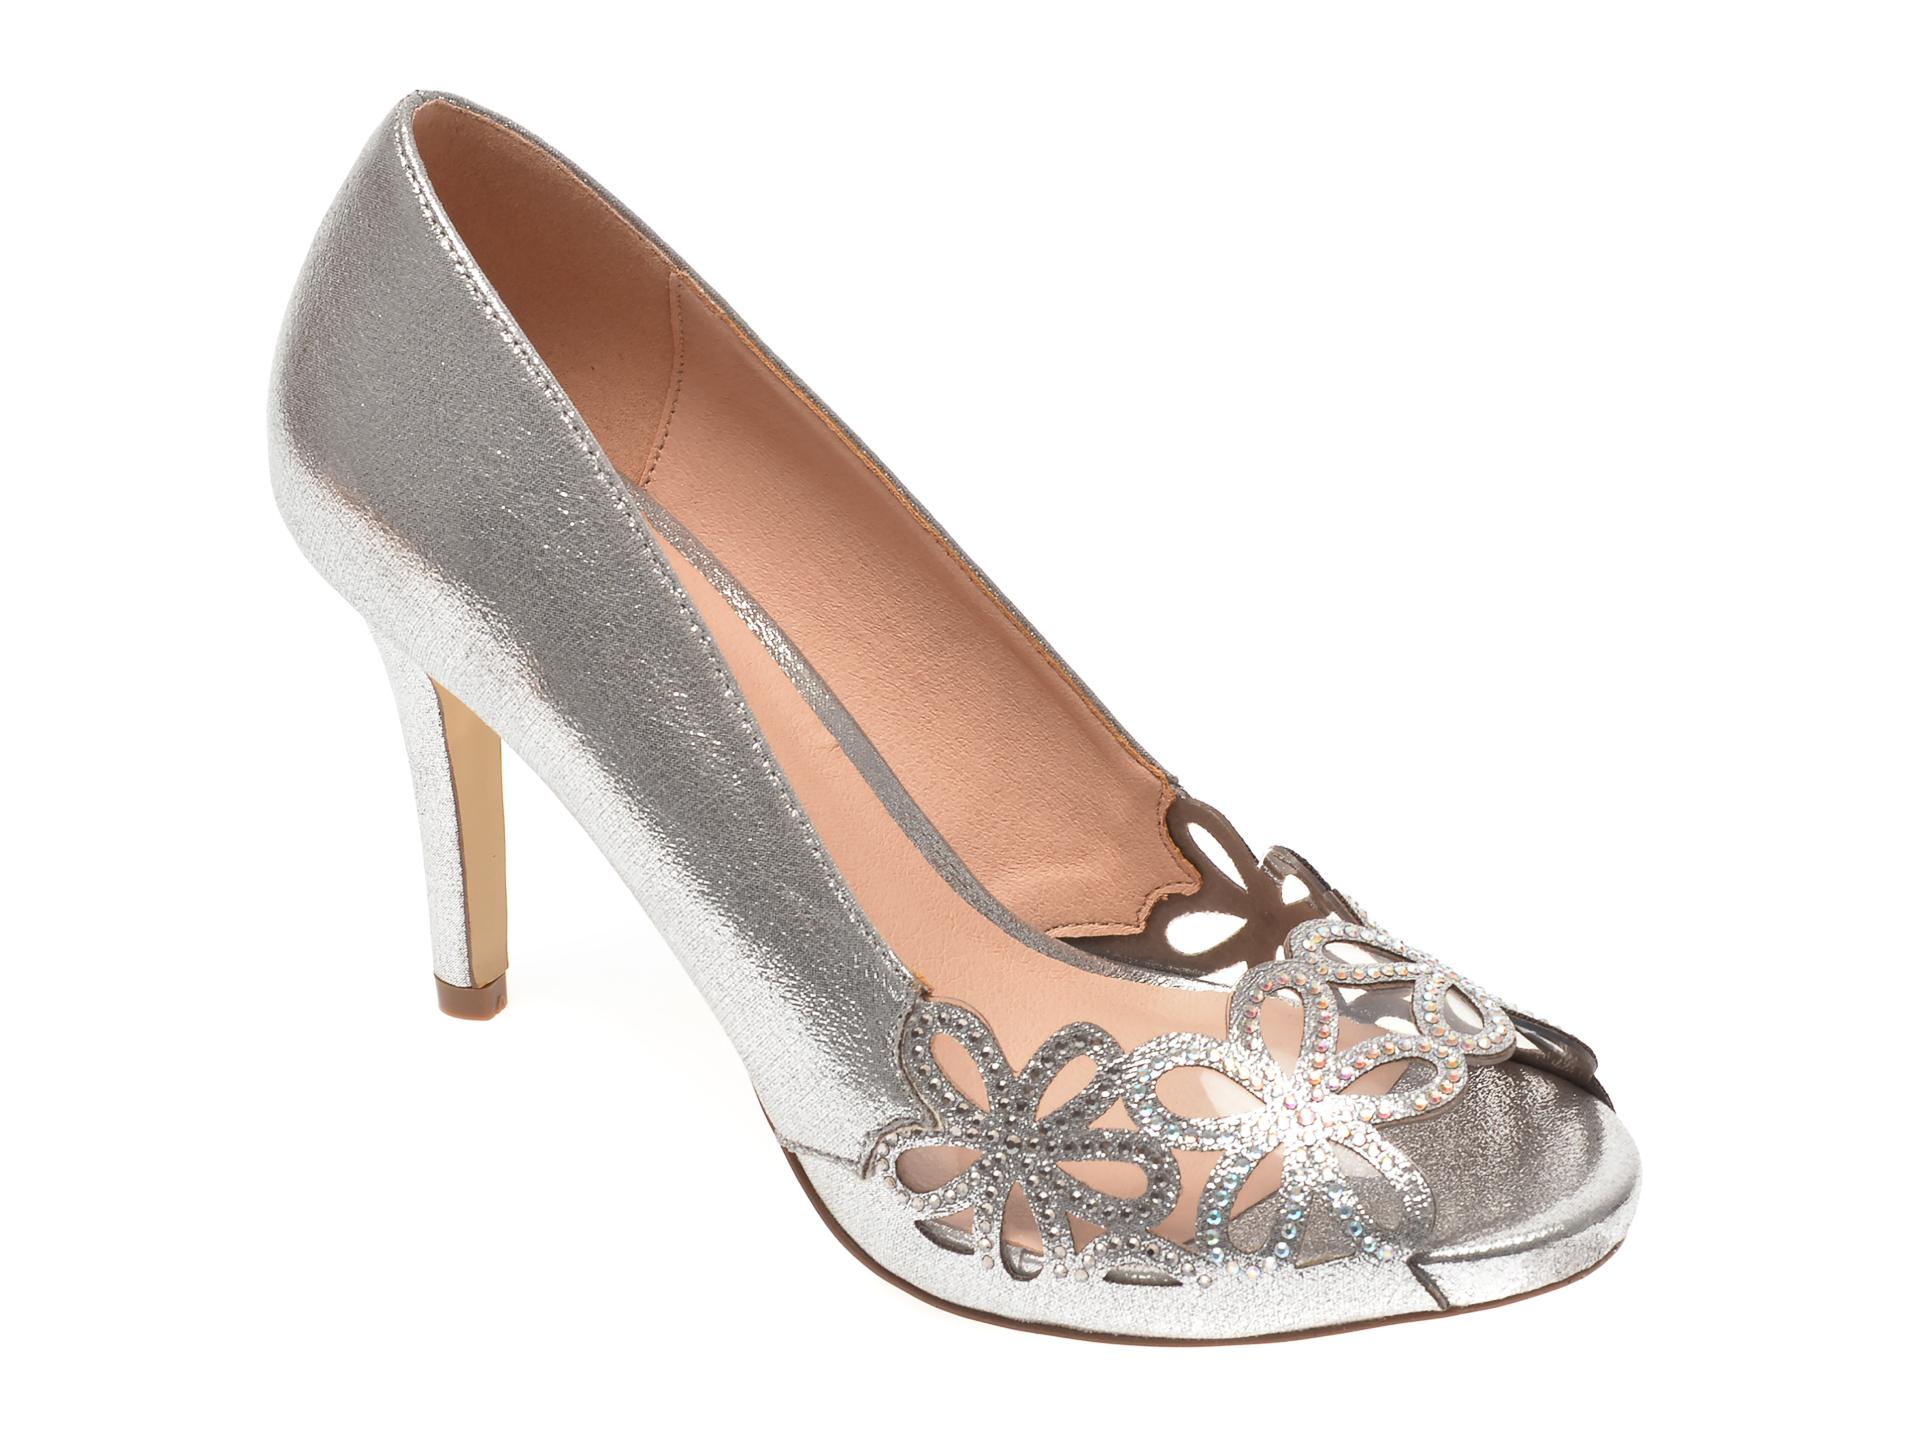 Pantofi MENBUR argintii, 21777, din piele ecologica imagine